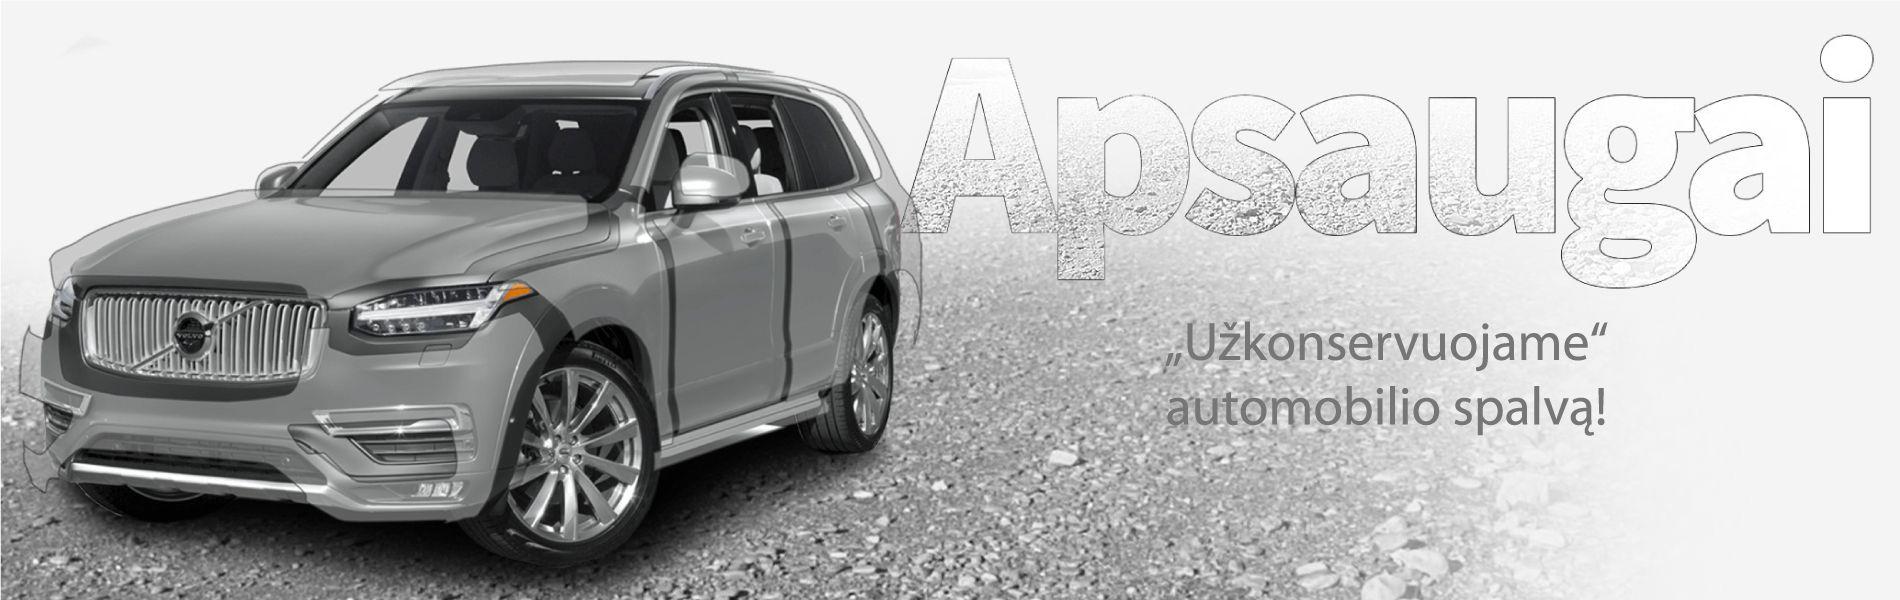 Automobilių apklijavimas plėvele | Promo cars Kaunas